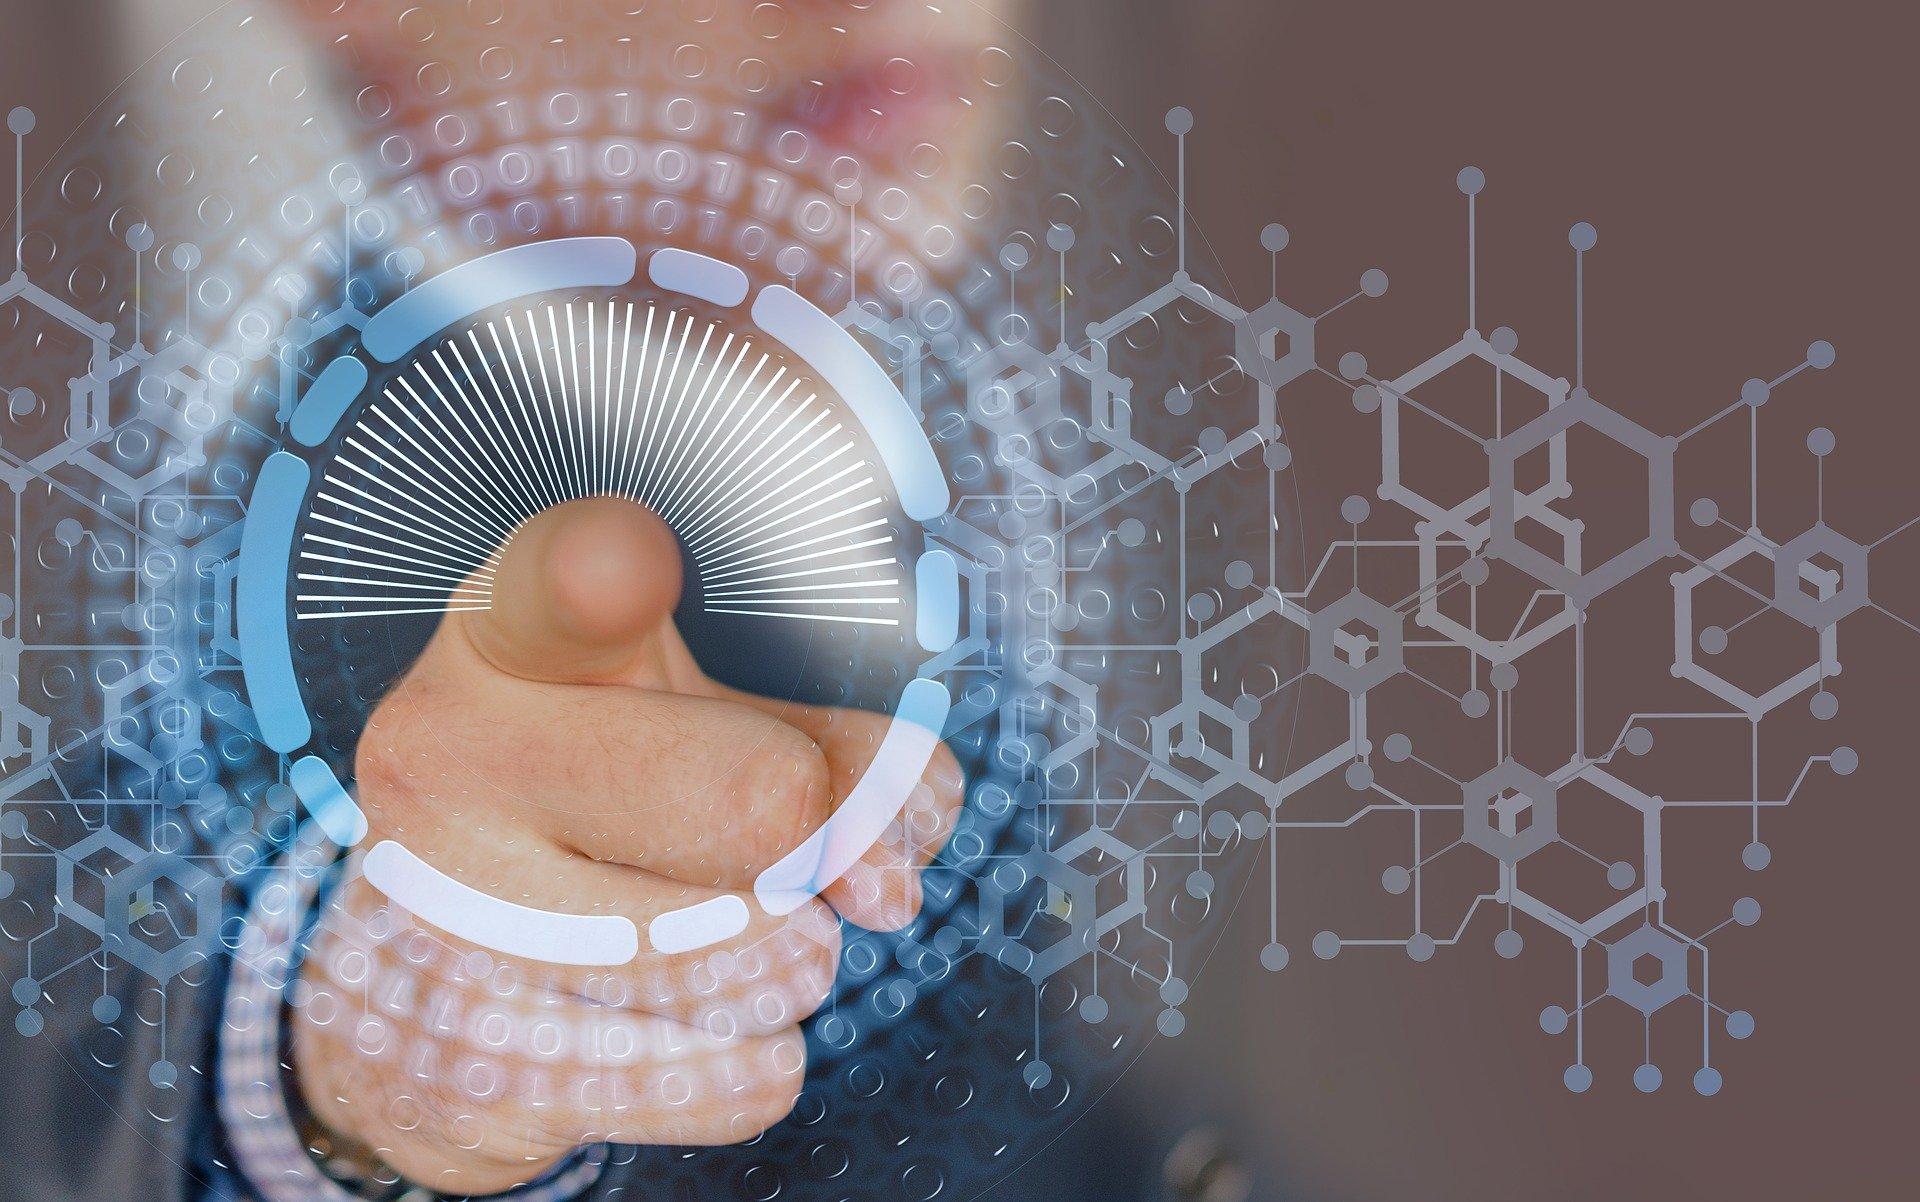 En Europa recaudan más de 800 millones de dólares para apoyar proyectos impulsados por inteligencia artificial y tecnología blockchain